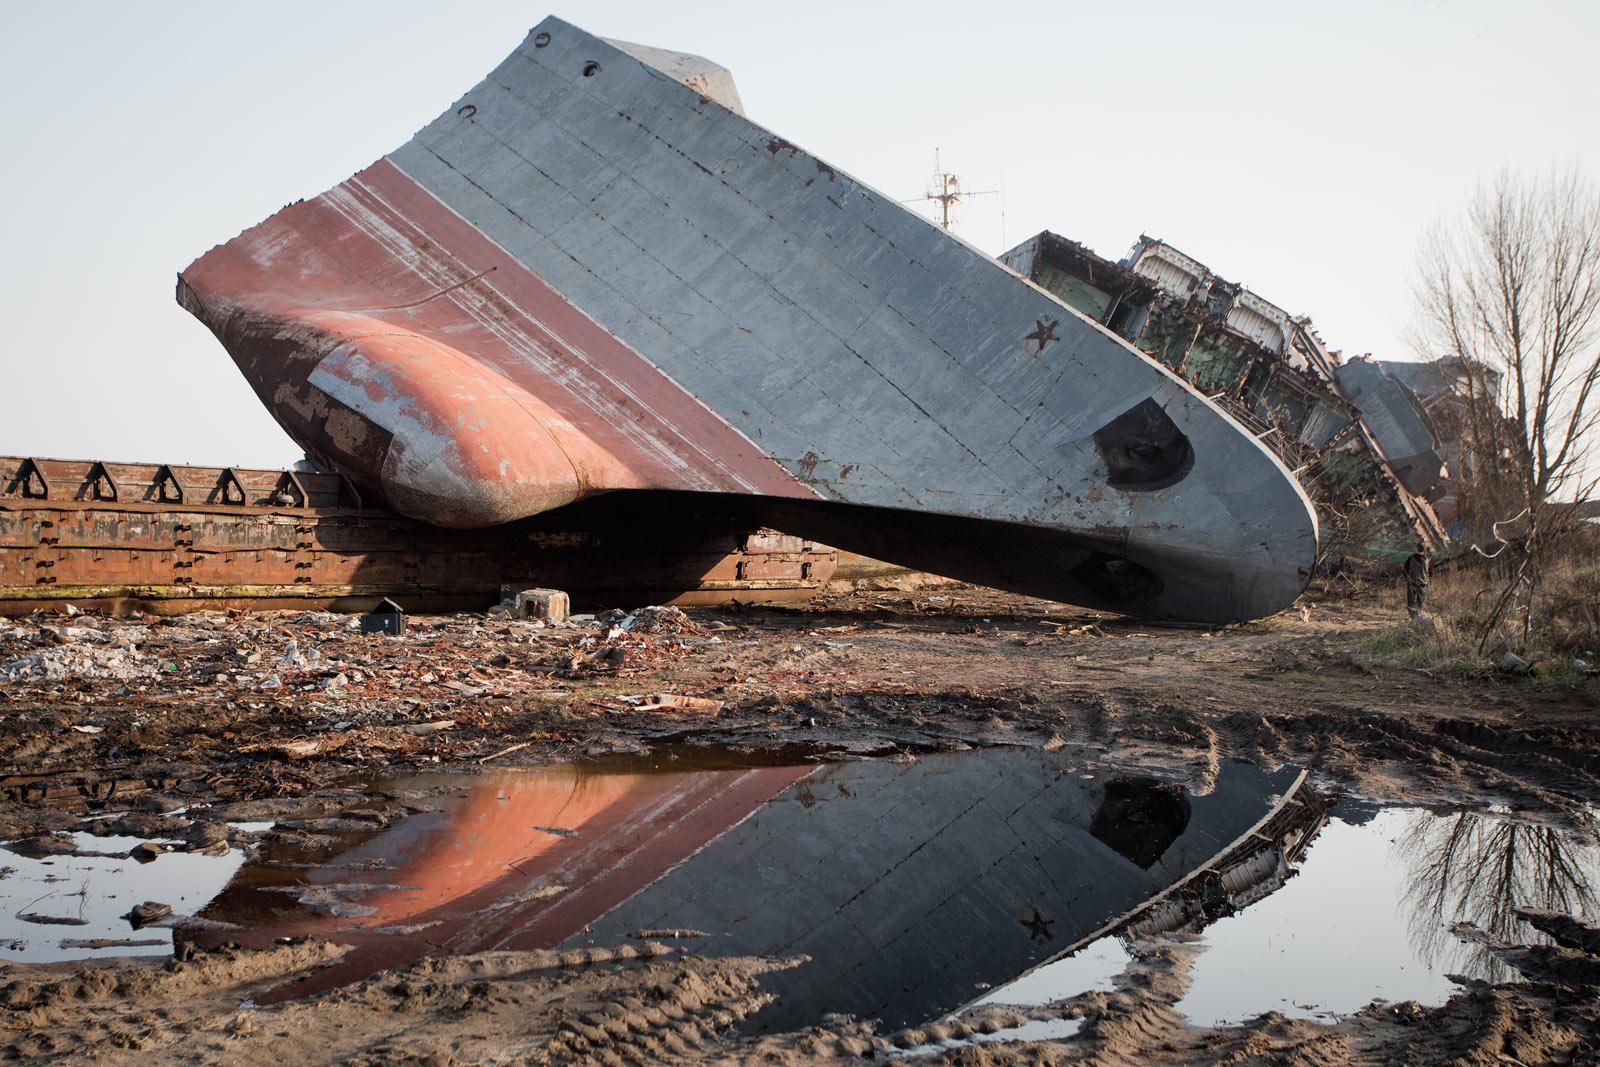 Последний причал: кладбище кораблей в Балтийске